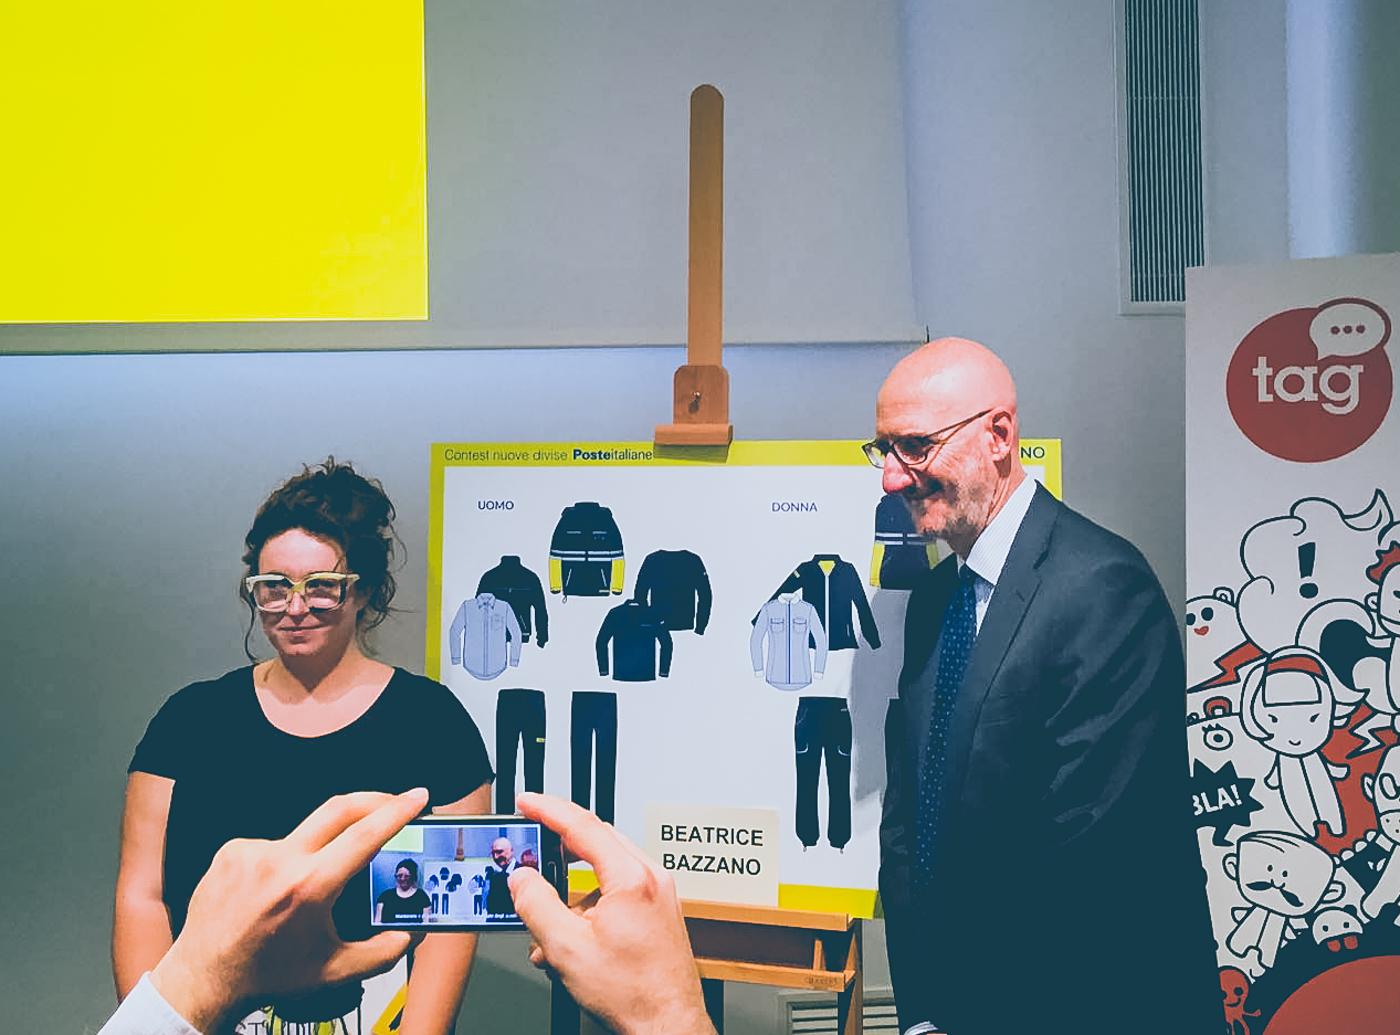 Beatrice Bazzano vince il Contest di Poste Italiane